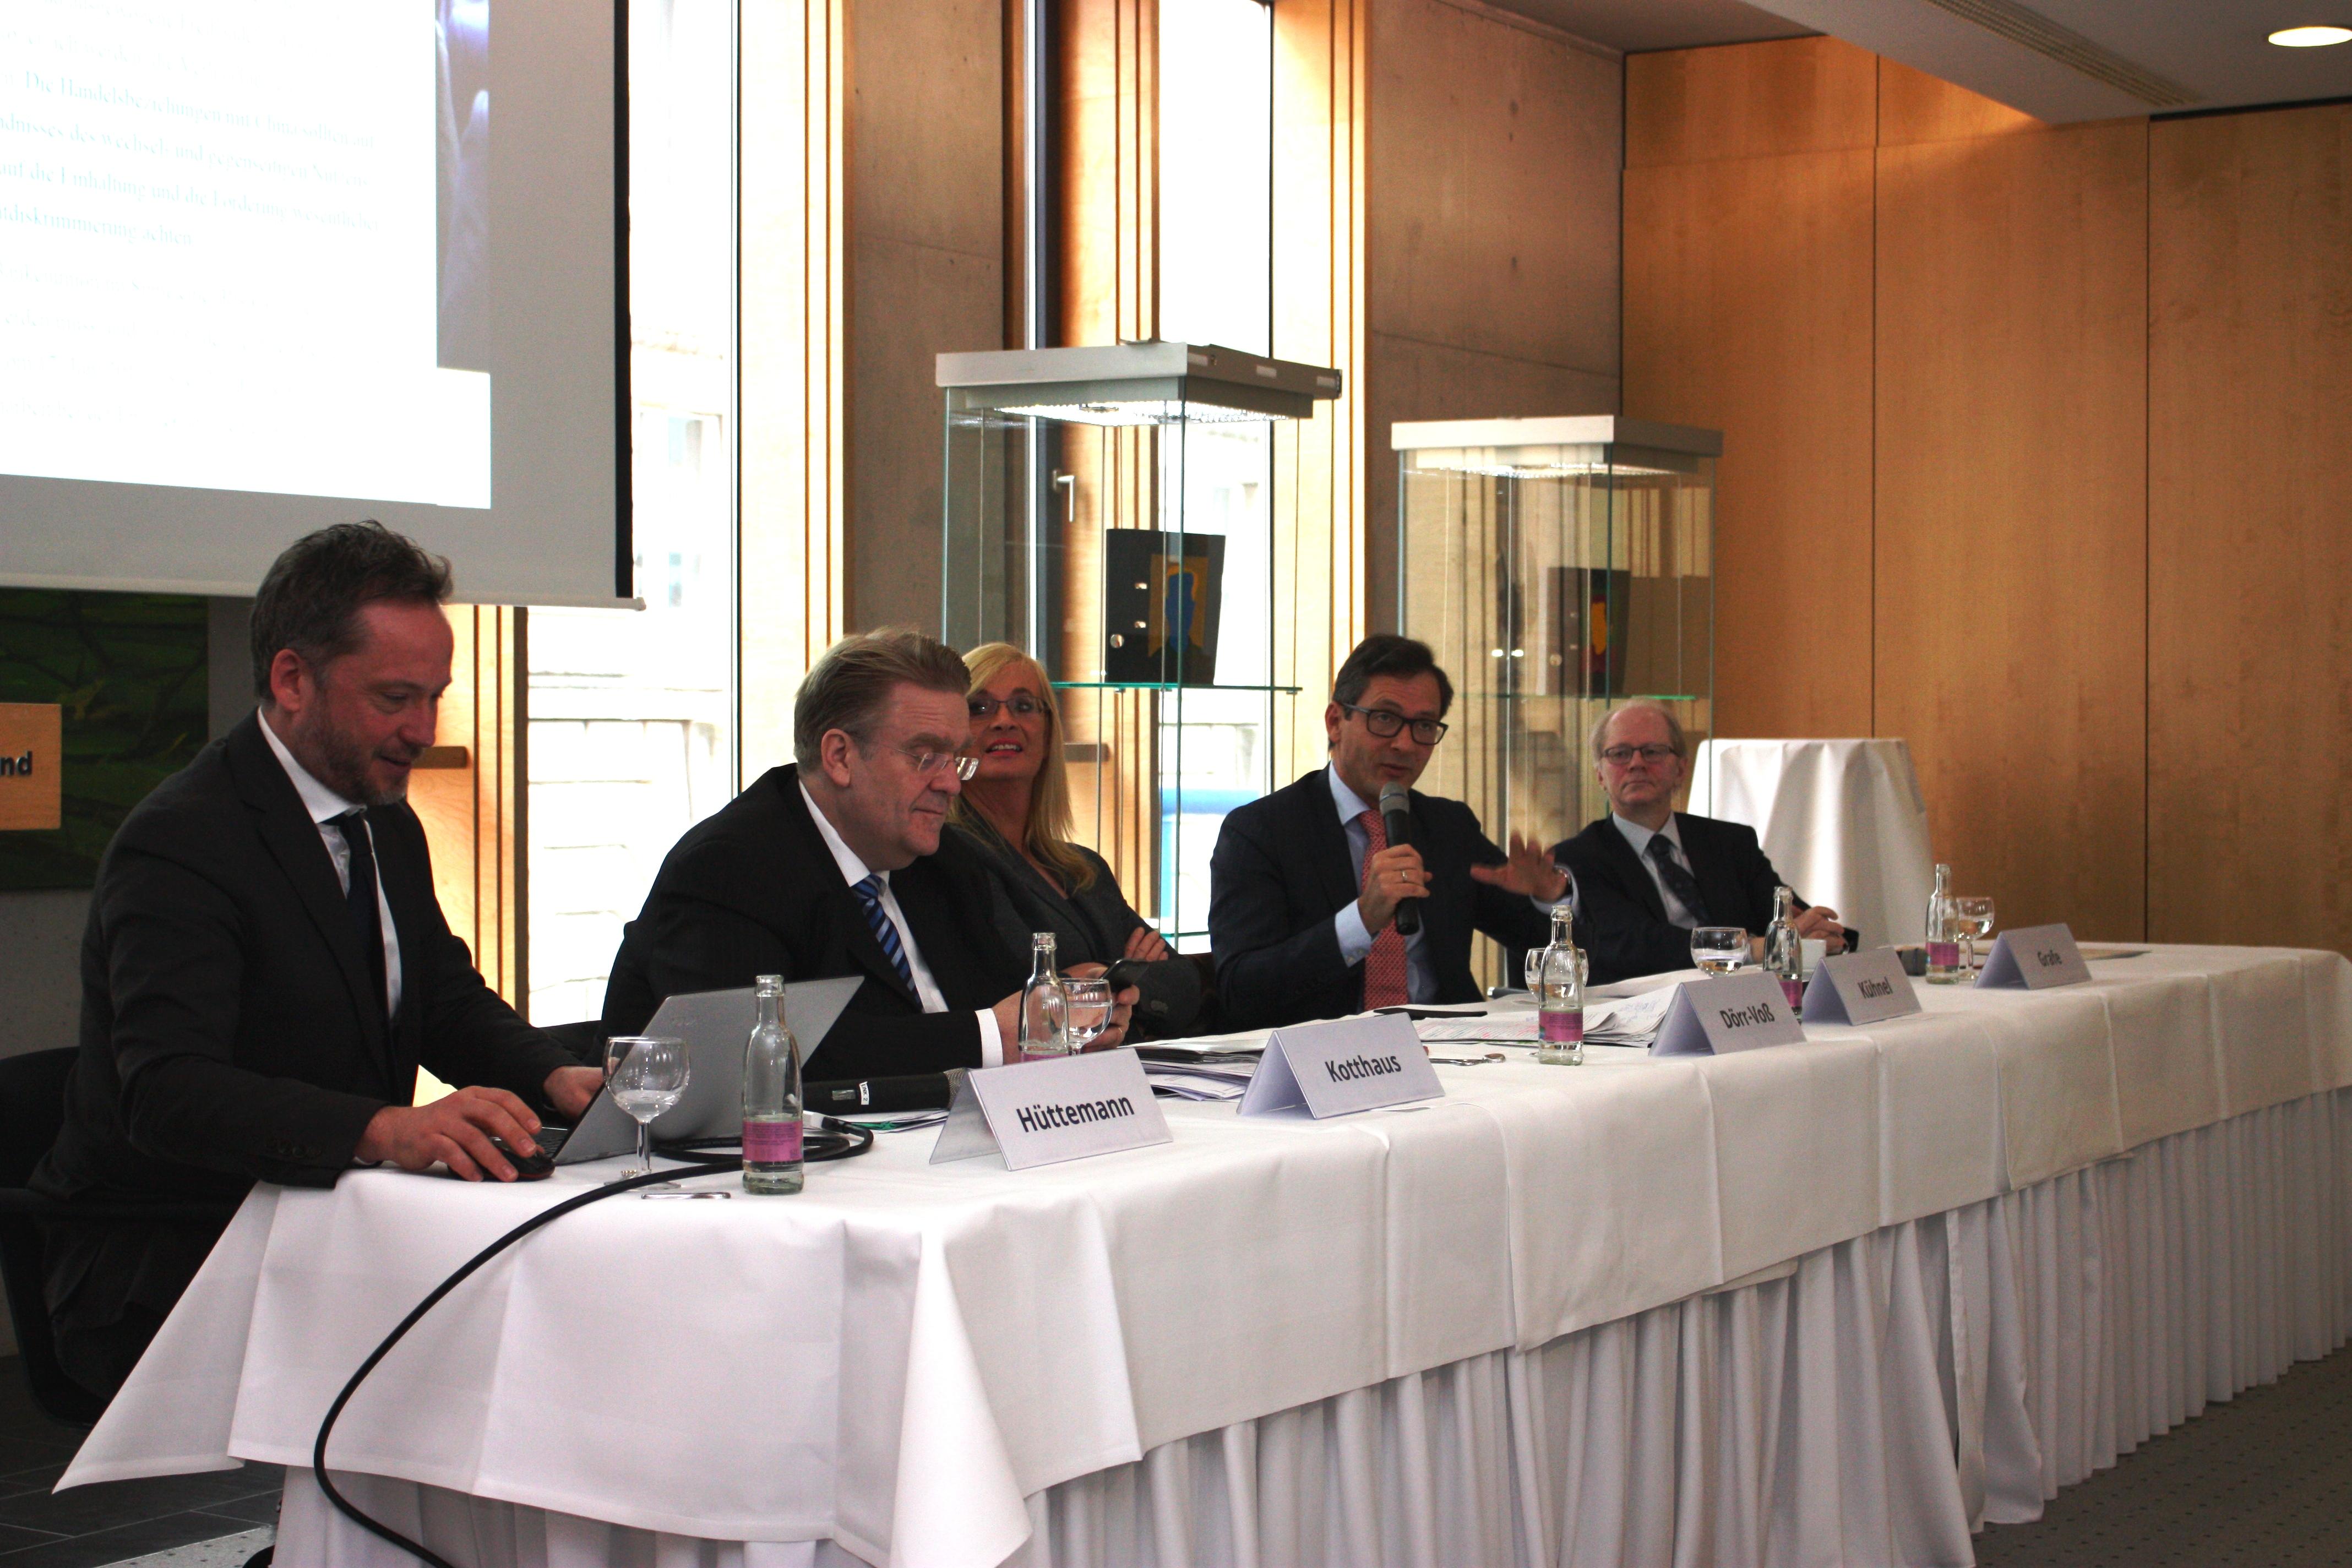 EBD De-Briefing Europäischer Rat  | Tusk, #nutellagate und sommerliche Farben